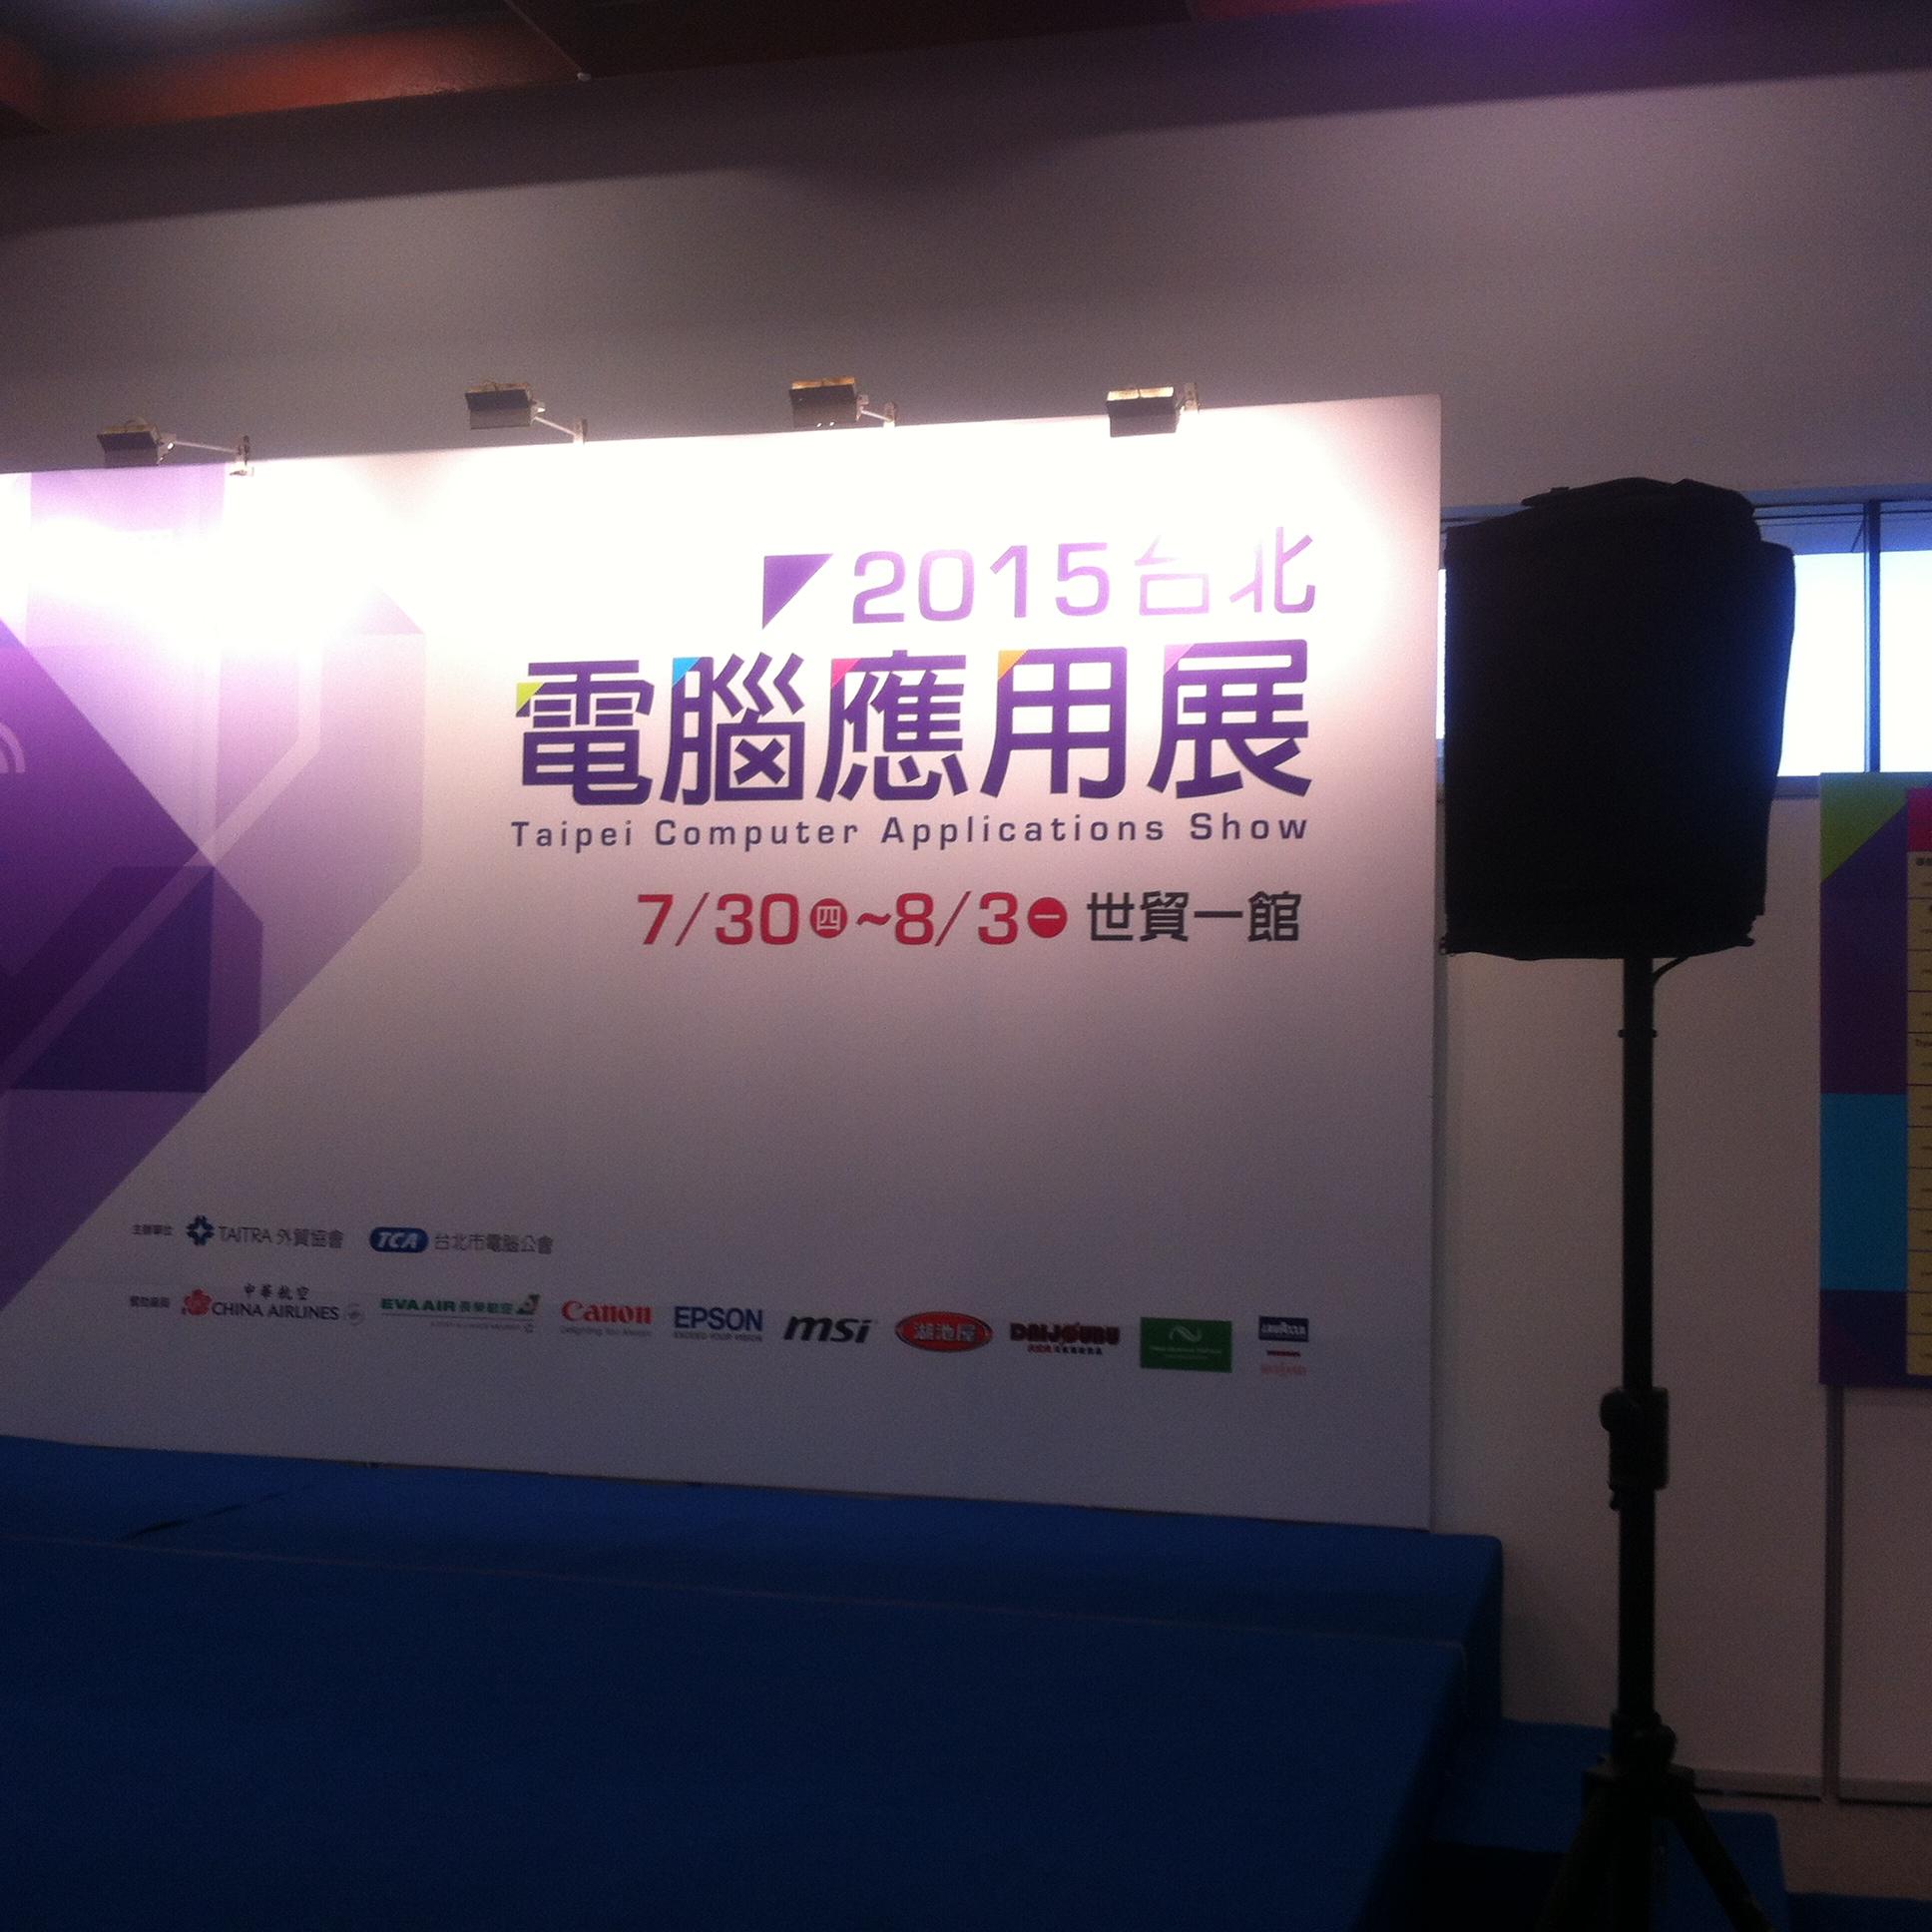 【ビジネス】2015年 台北コンピューターアプリケーション見本市に行ってきました。